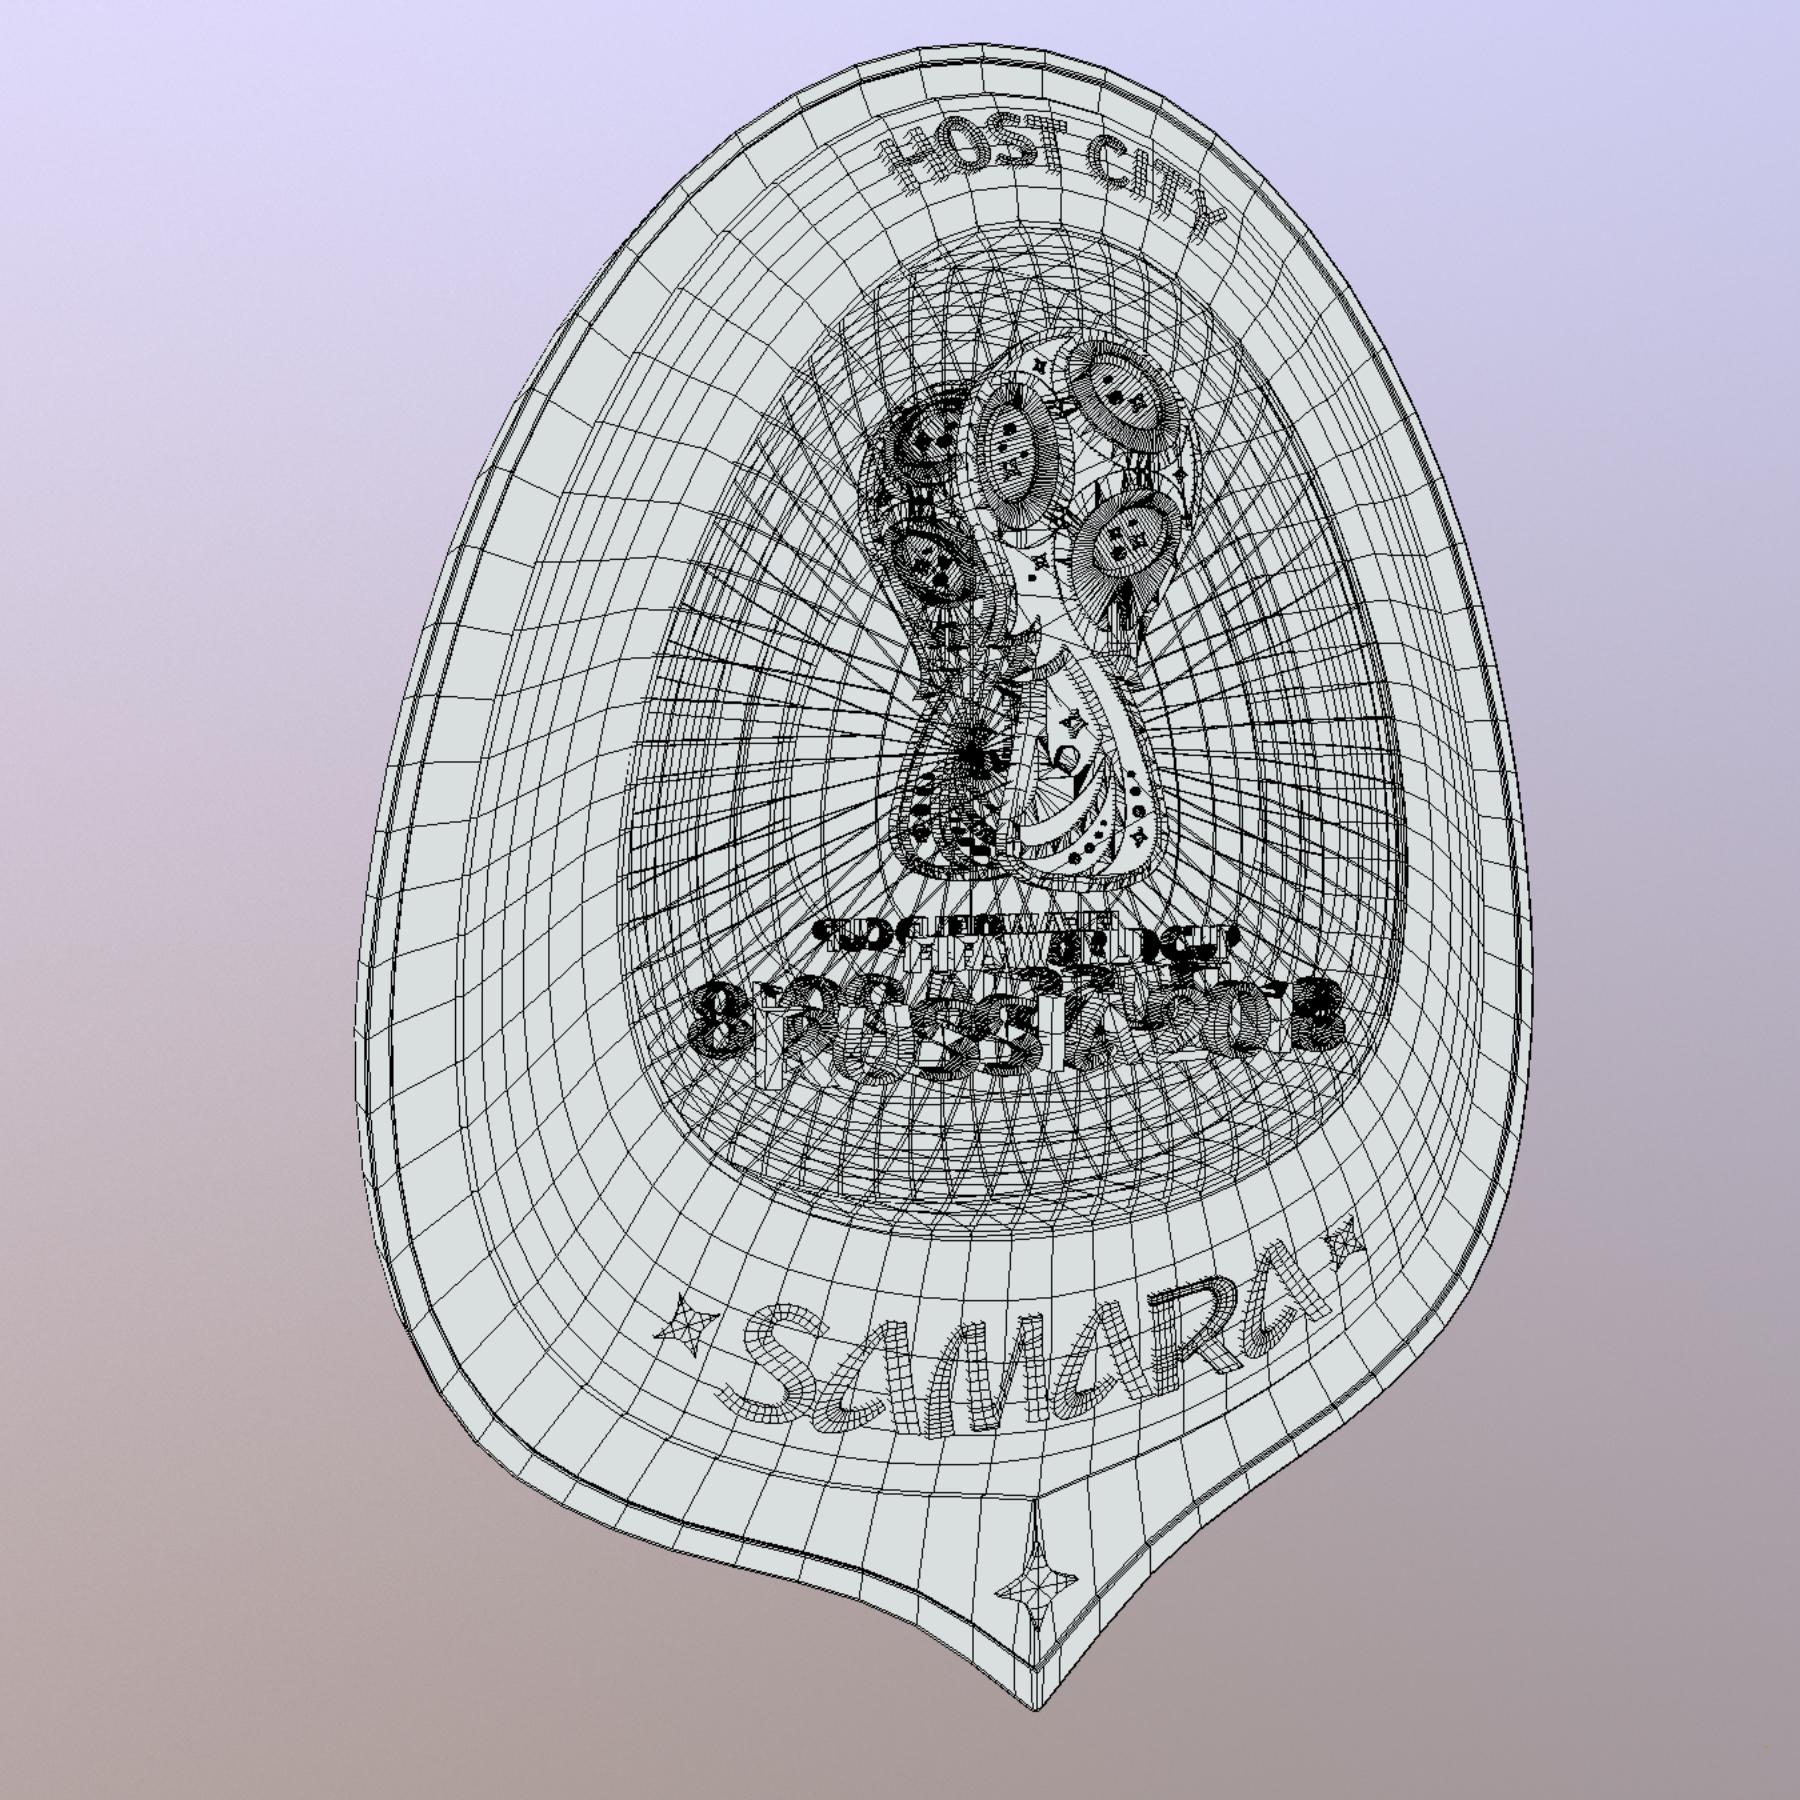 samara host city world cup russia 2018 symbol 3d model max  fbx jpeg jpg ma mb obj 271832